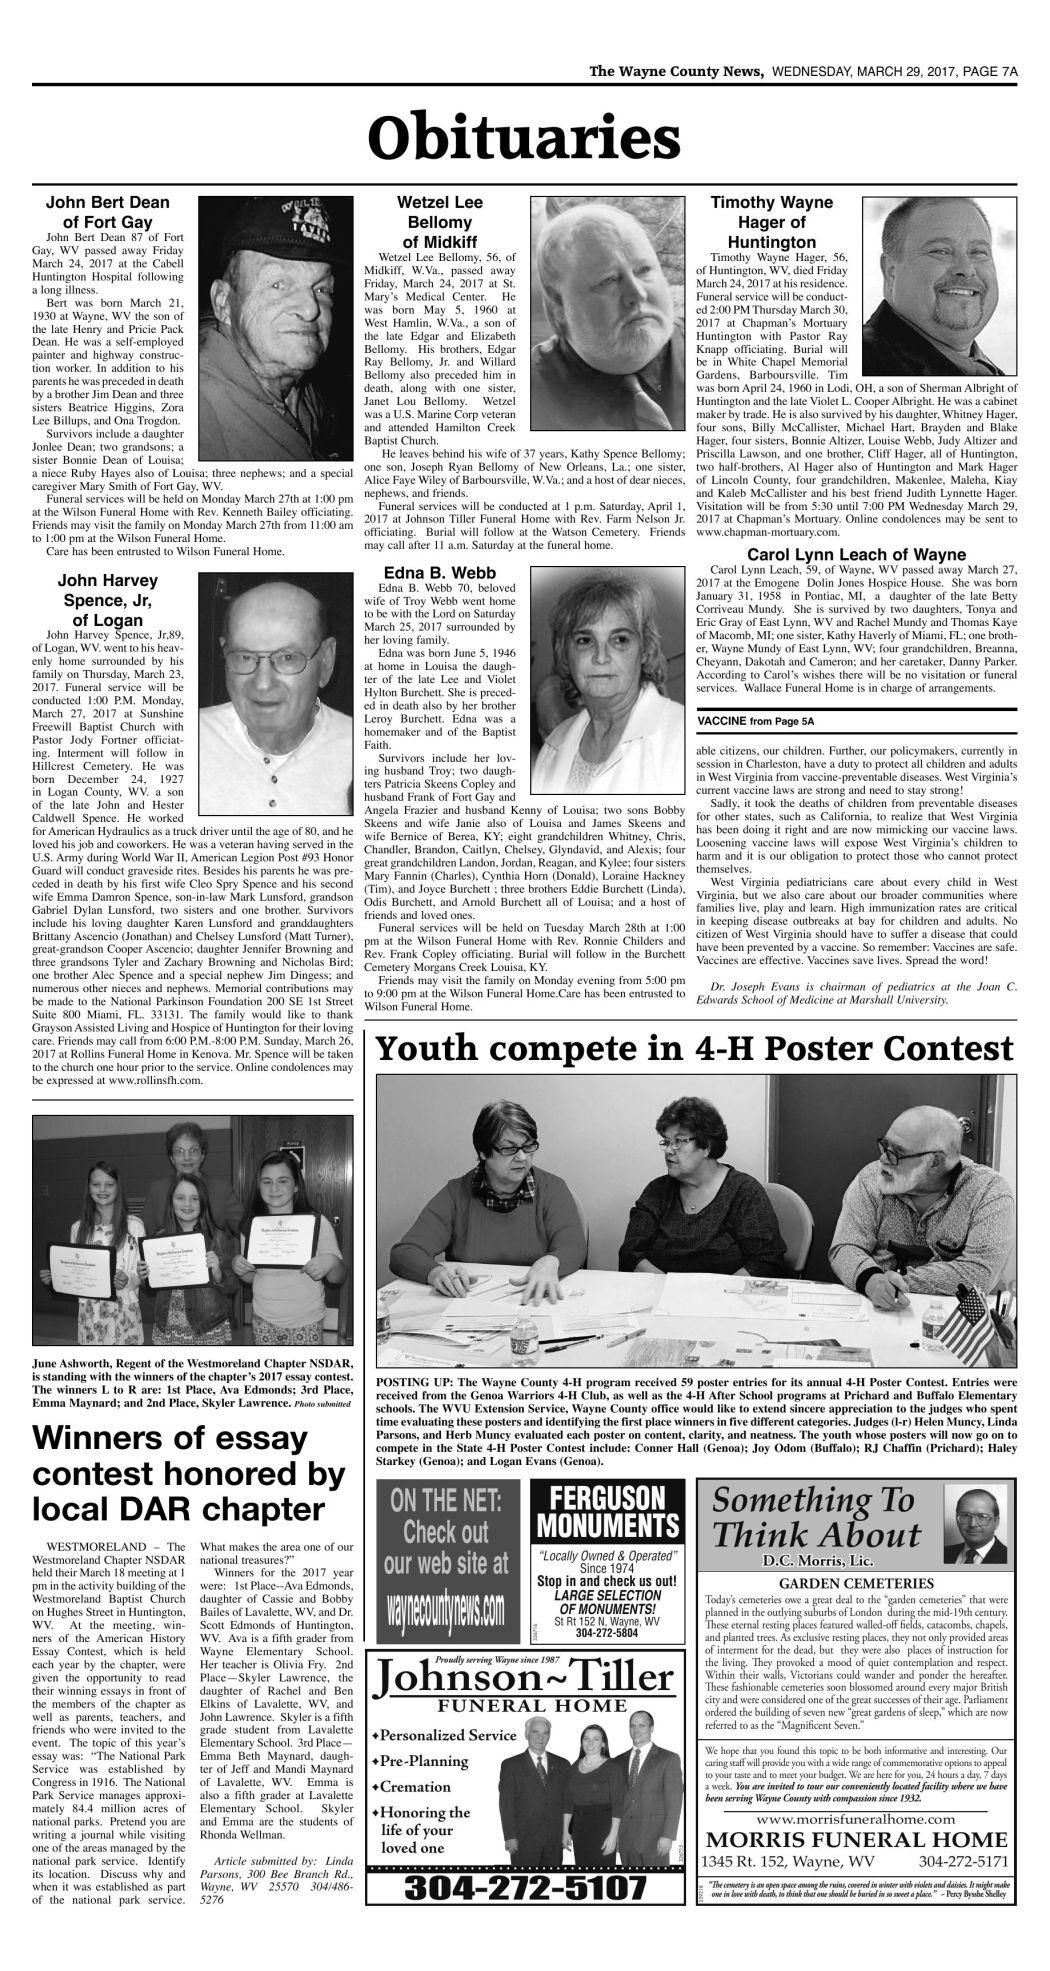 March 29, 2017 Obituaries | Wc Obituaries | herald-dispatch com